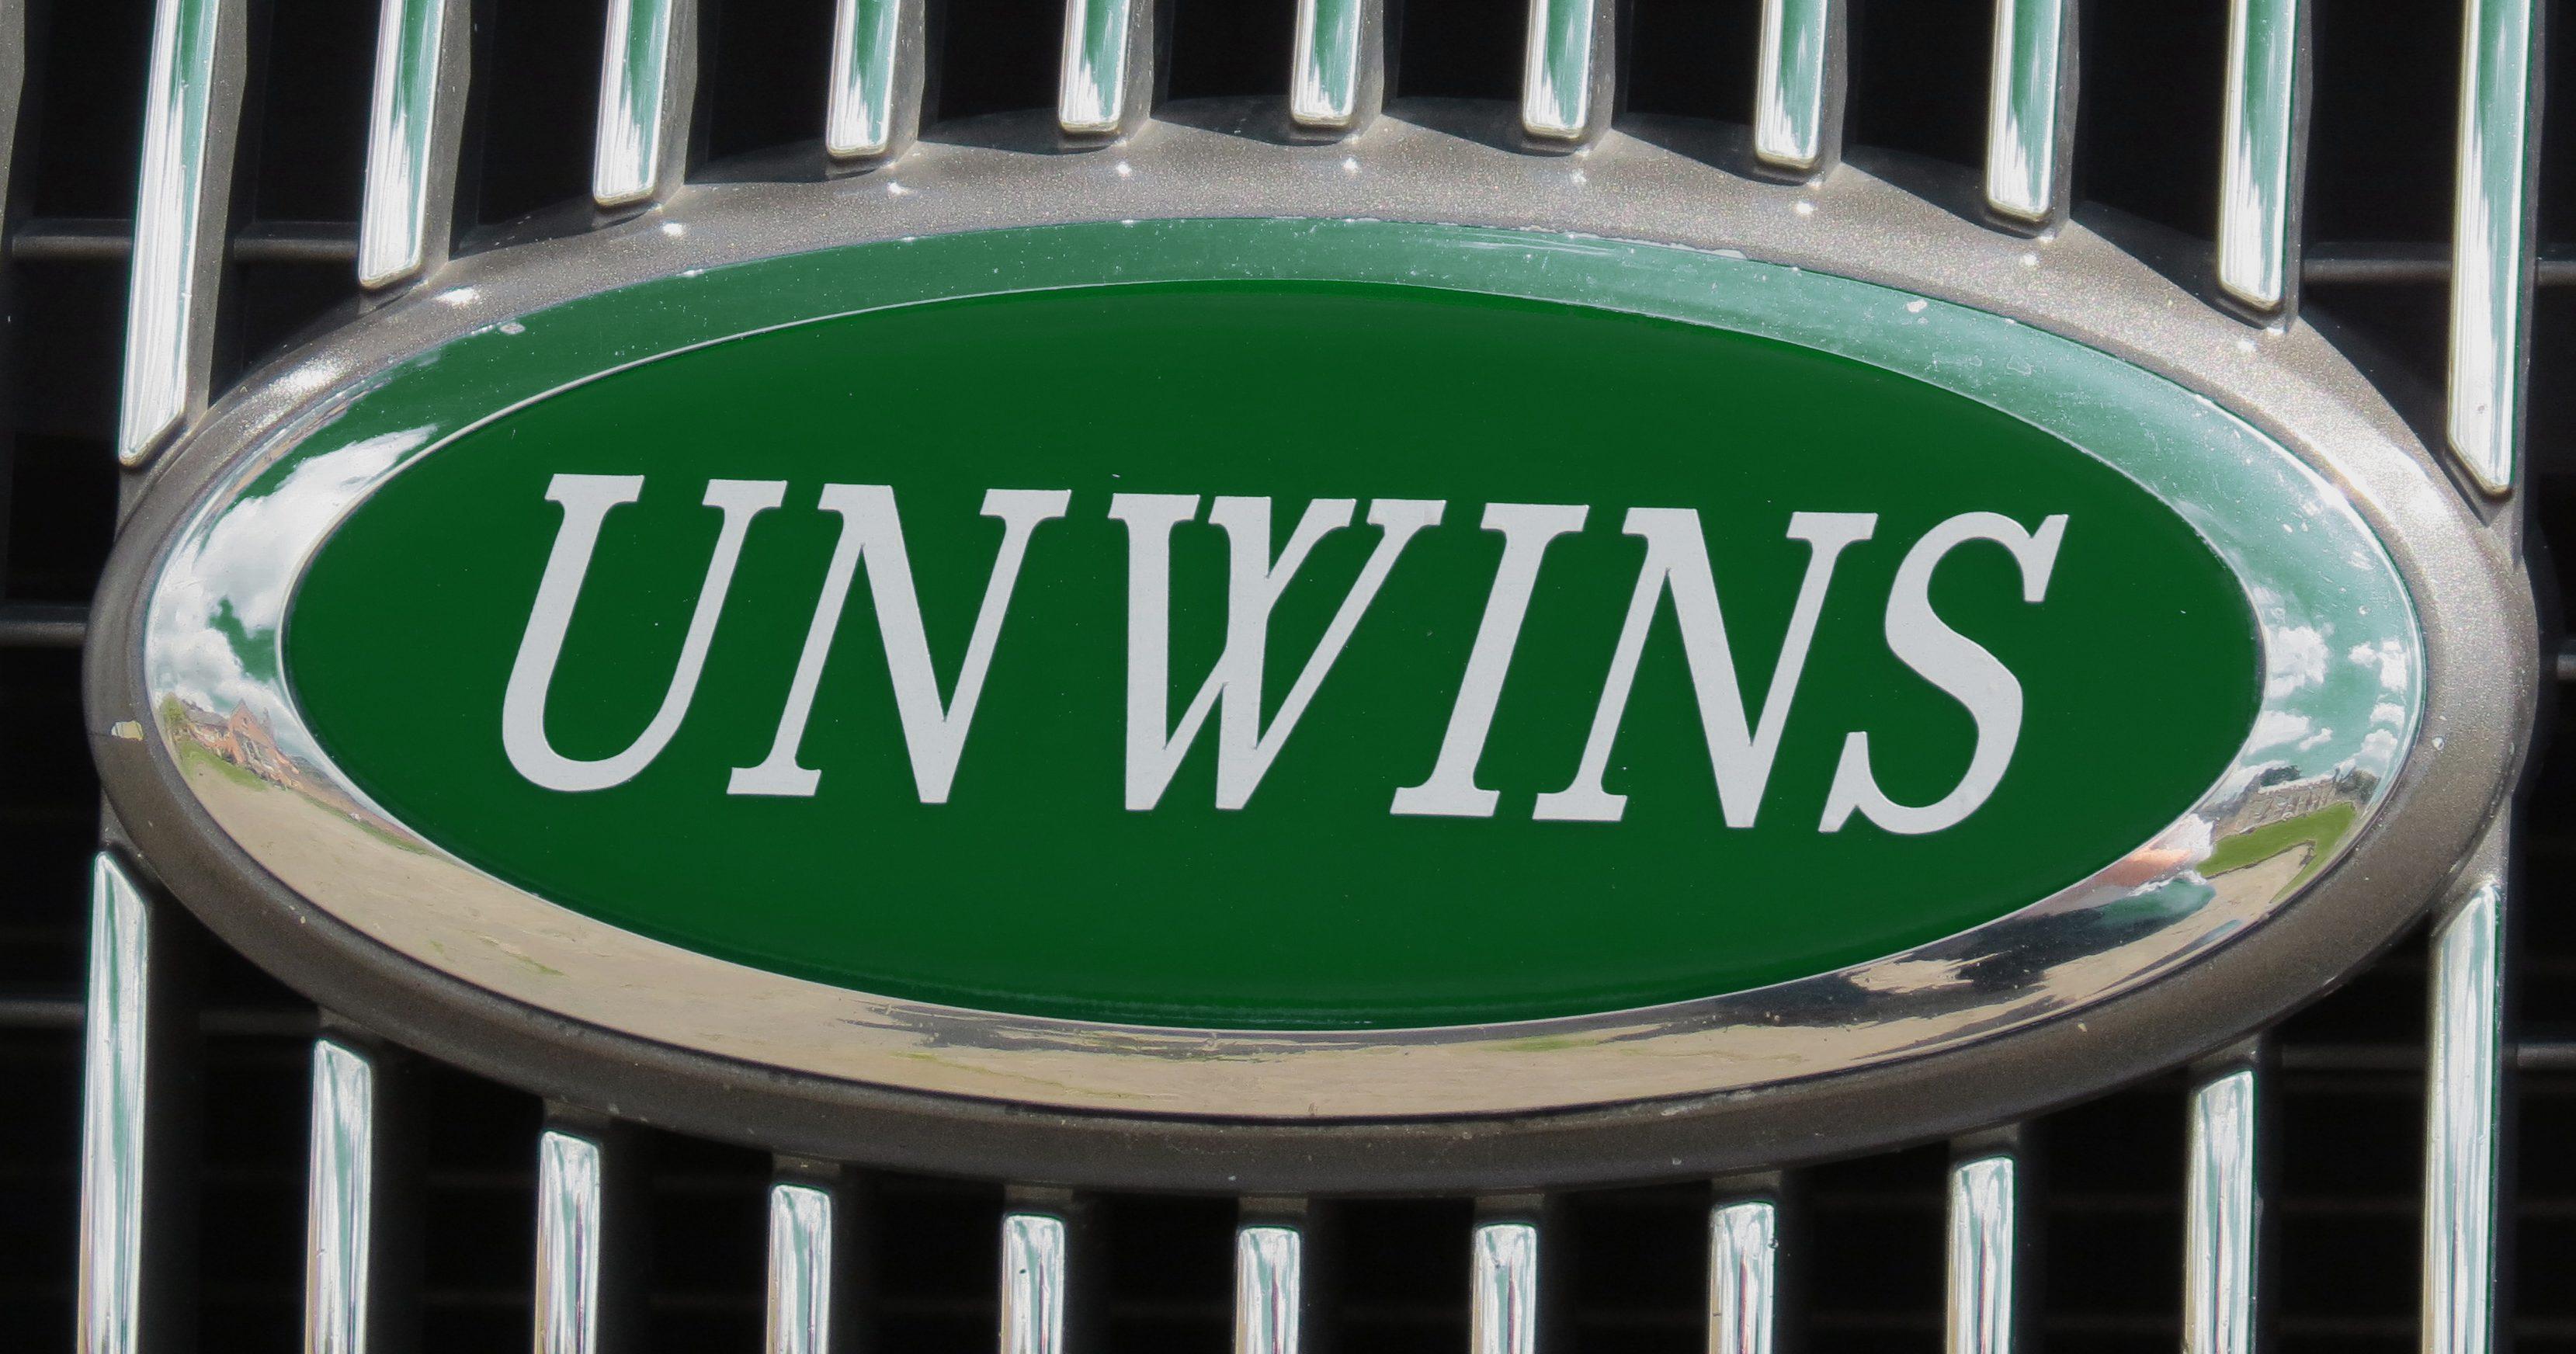 Unwins Independent Funeral Directors